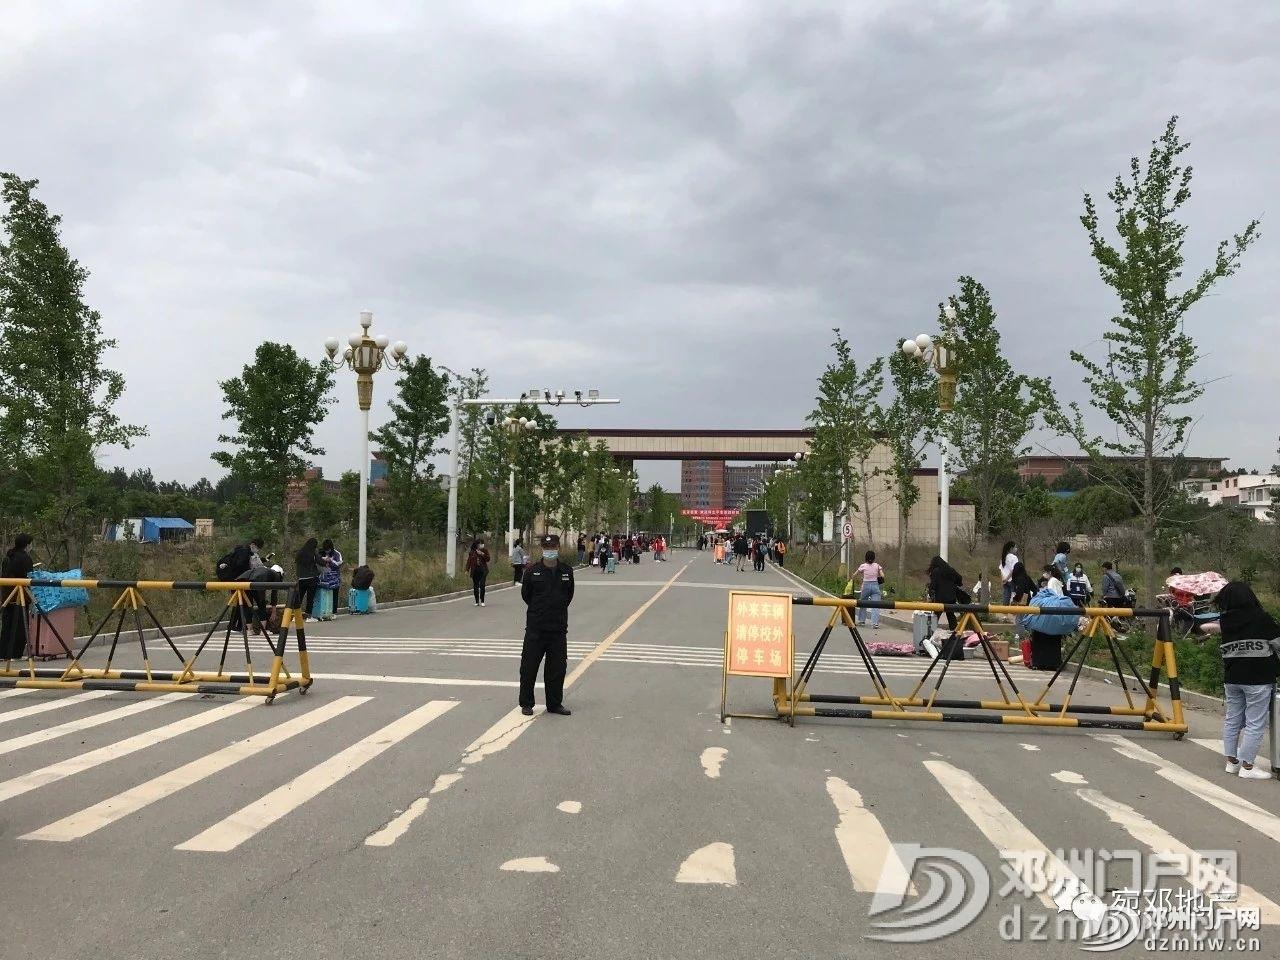 邓州第一所大学正式复学啦,人事管理也有大调整 - 邓州门户网|邓州网 - 575d2252cfdfc3c64c65a878a4cbf386.jpg